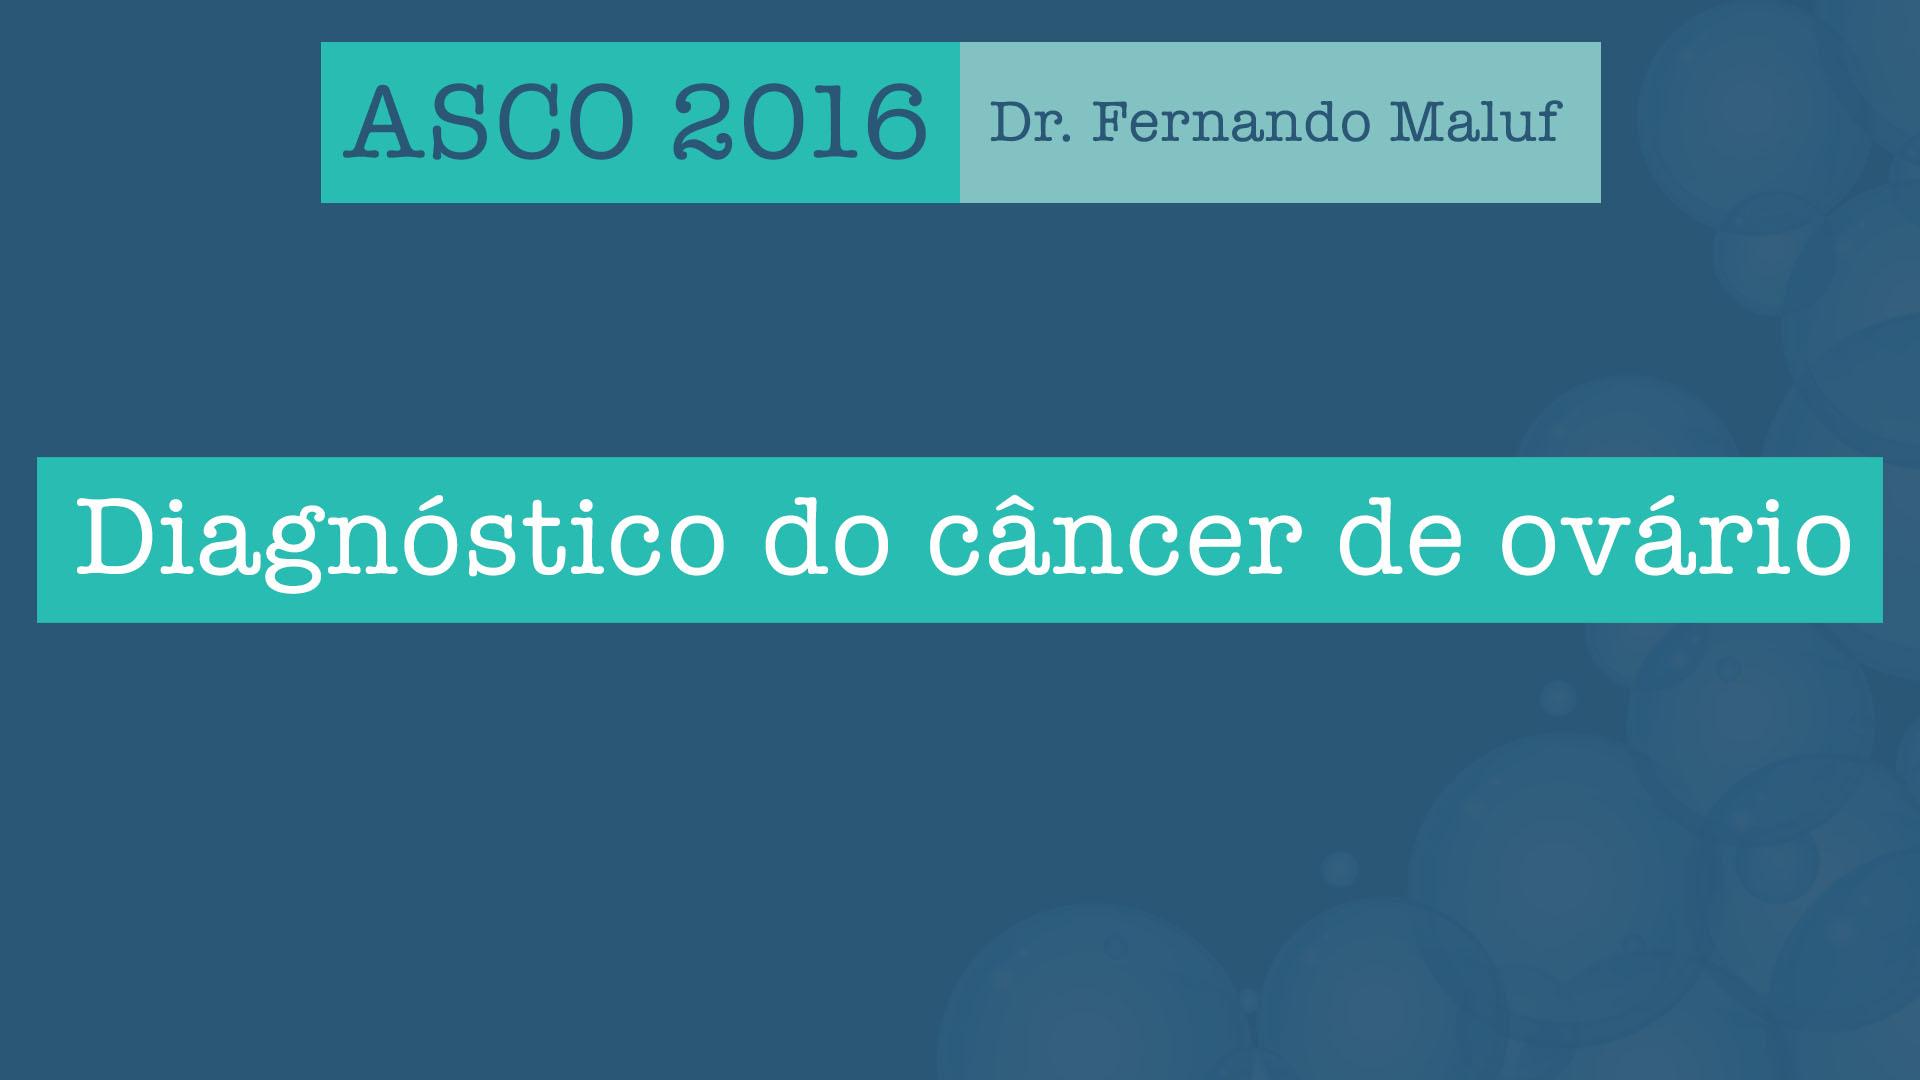 diagnóstico ovário asco 2016